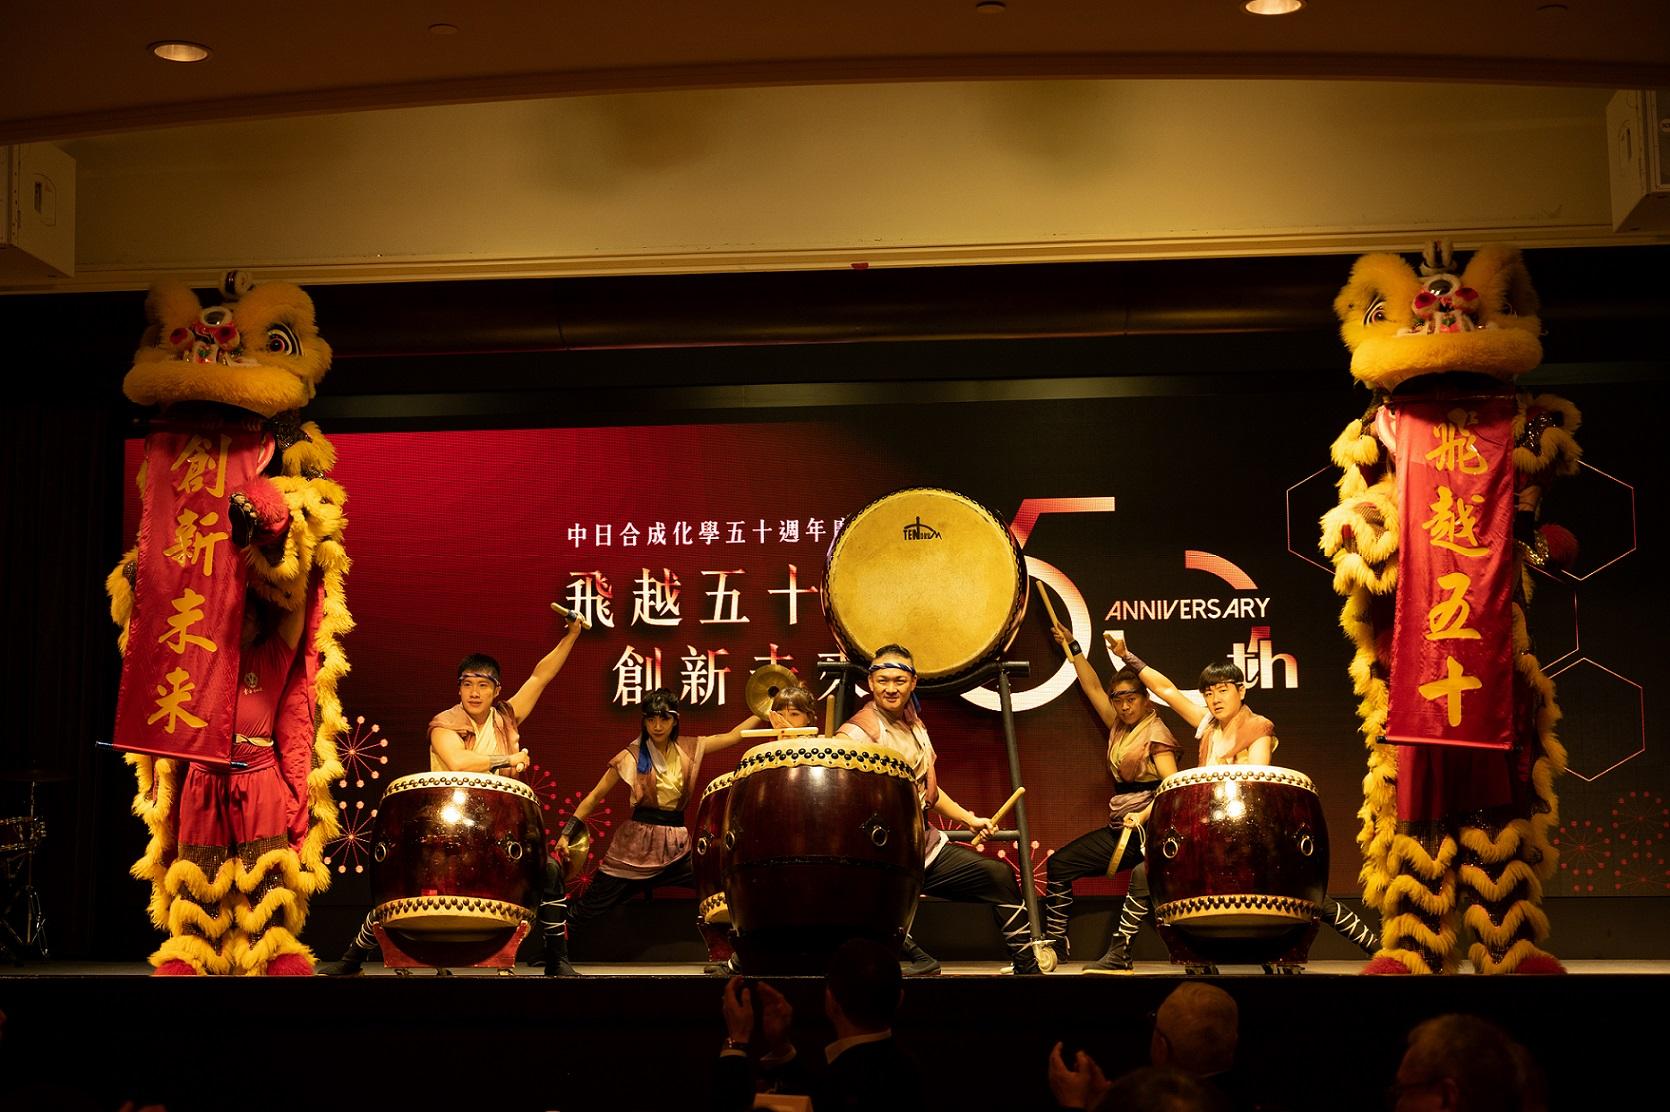 proimages/公司網站50週年慶祝午宴資訊刊登照片-20201221.jpg